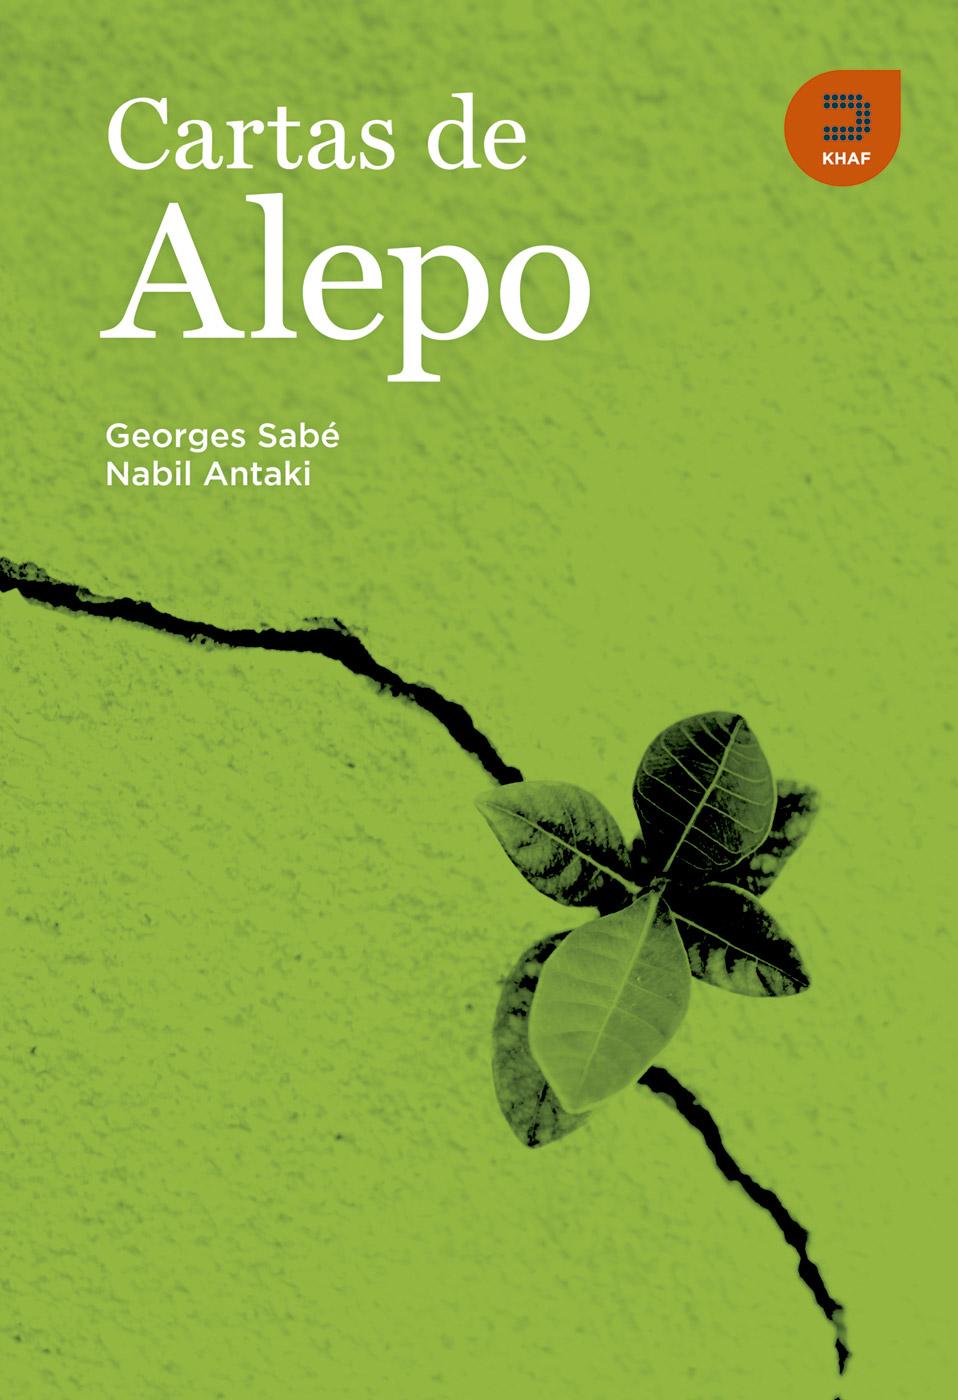 Cartas de Alepo